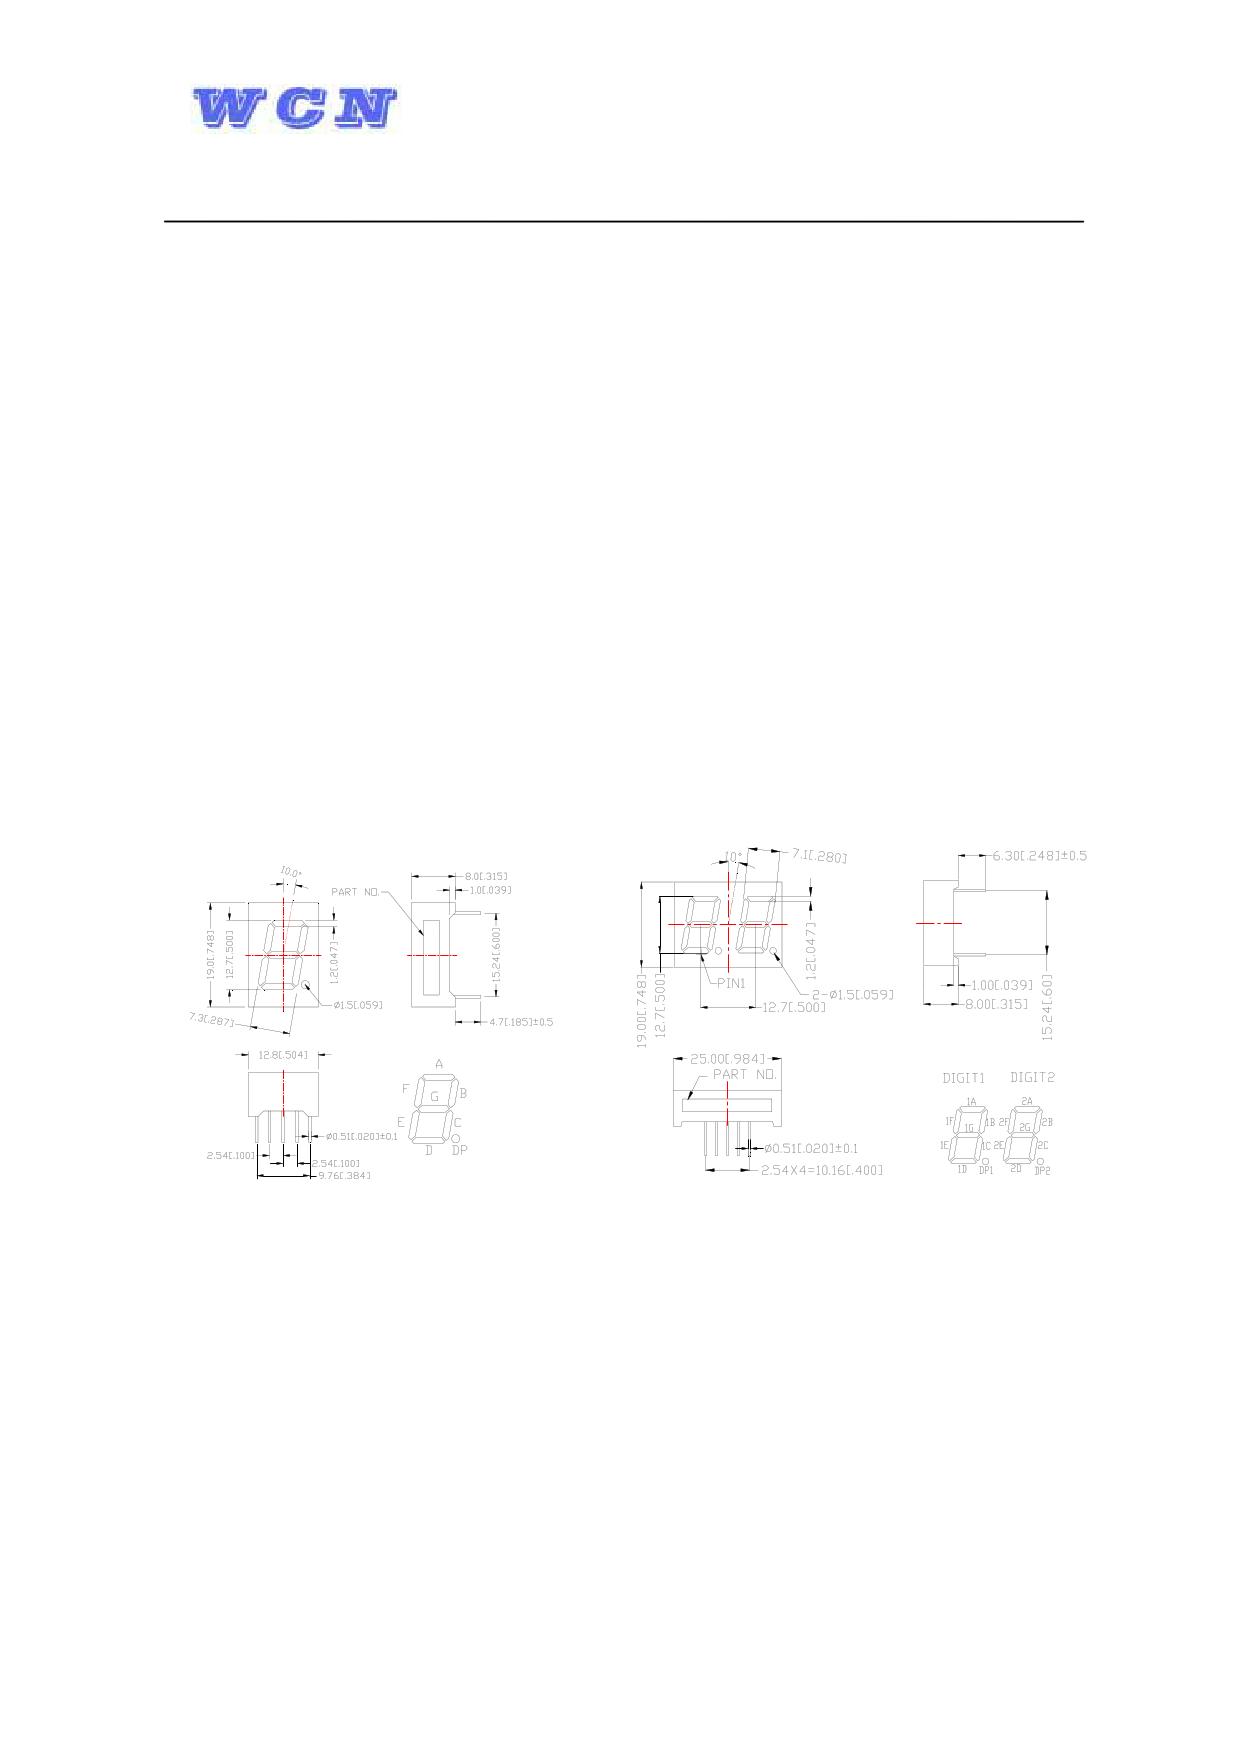 WCN3-0050GU-A11 datasheet